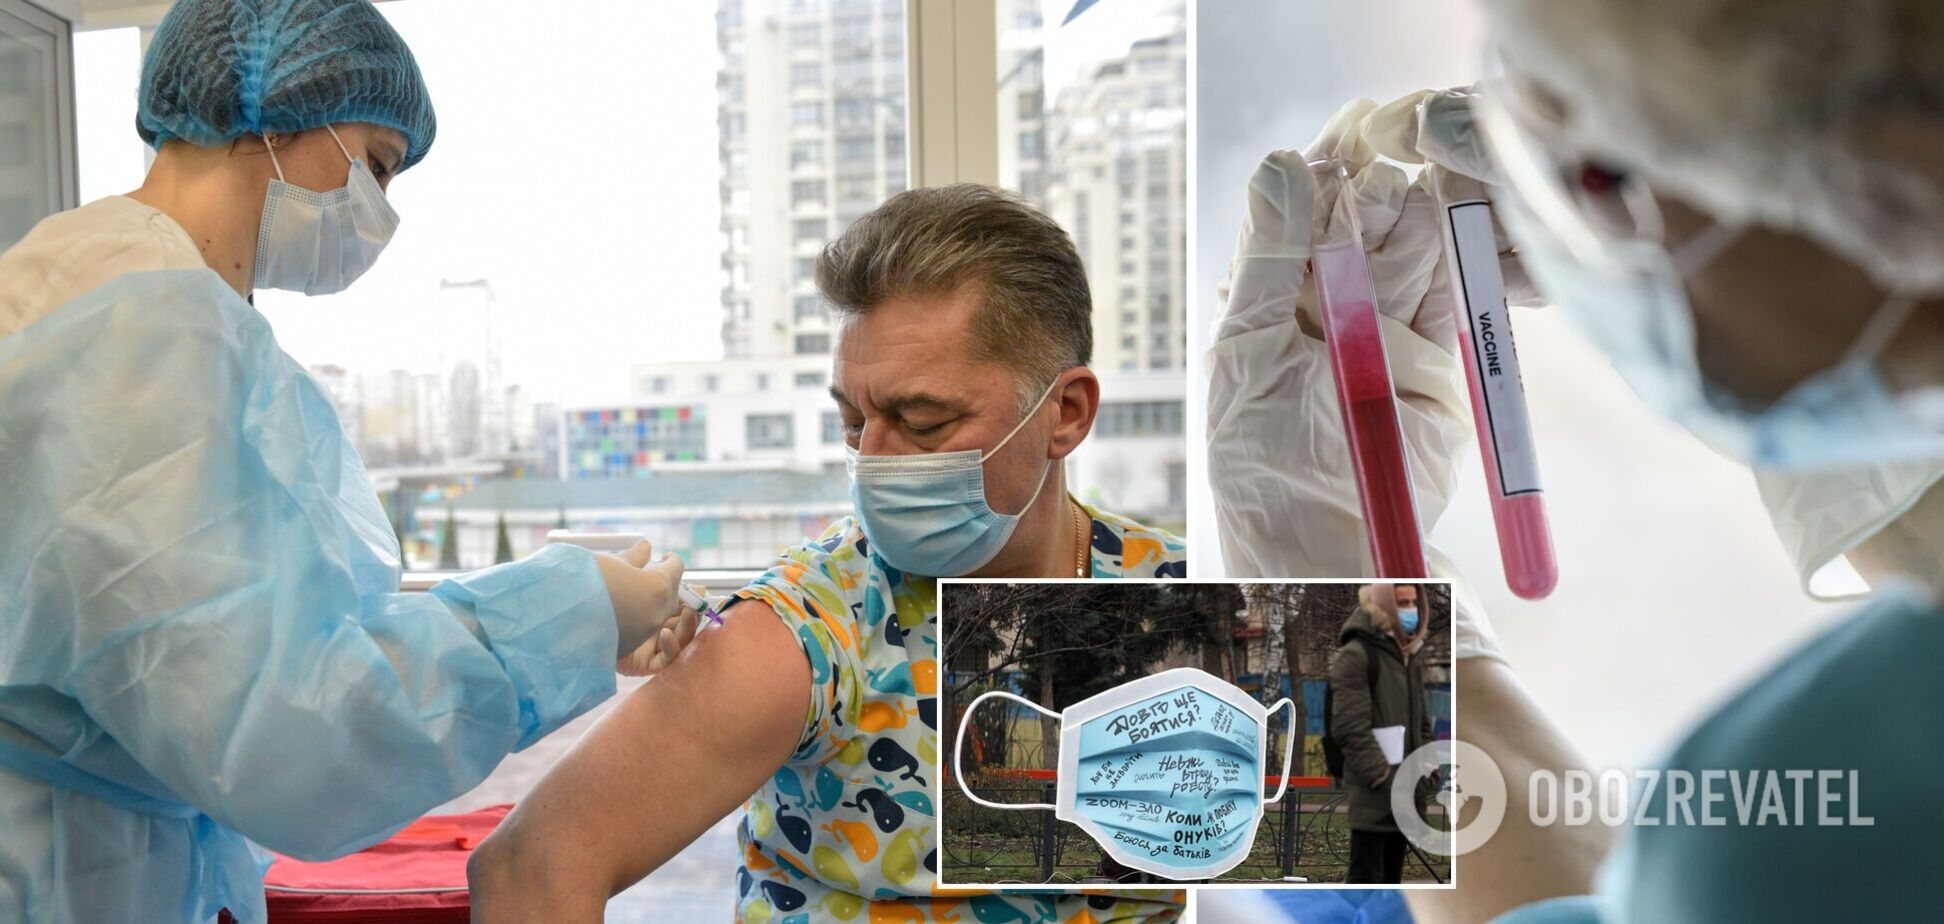 За 2 тижні вакцинації від коронавірусу в Україні щеплено 38 тисяч осіб